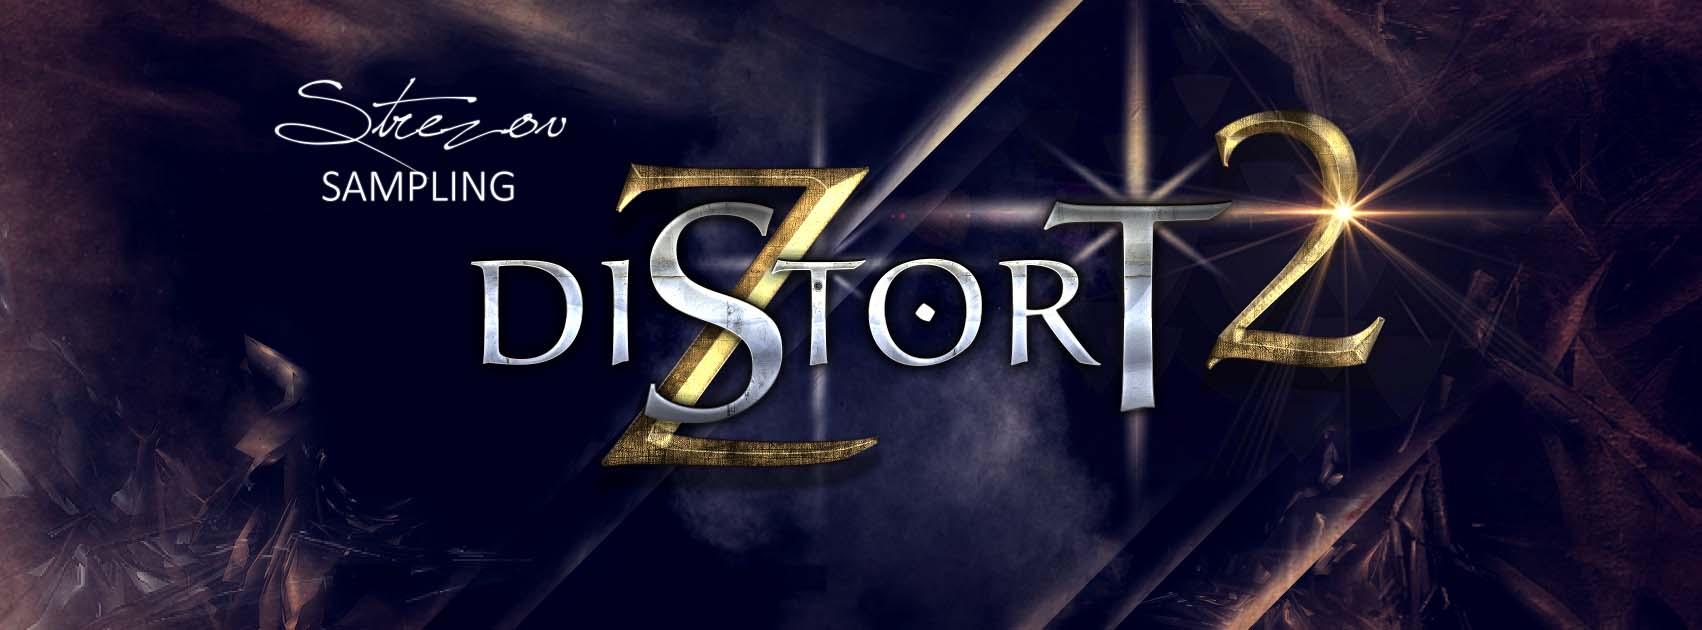 DISTORT 2 (includes DISTORT 1)